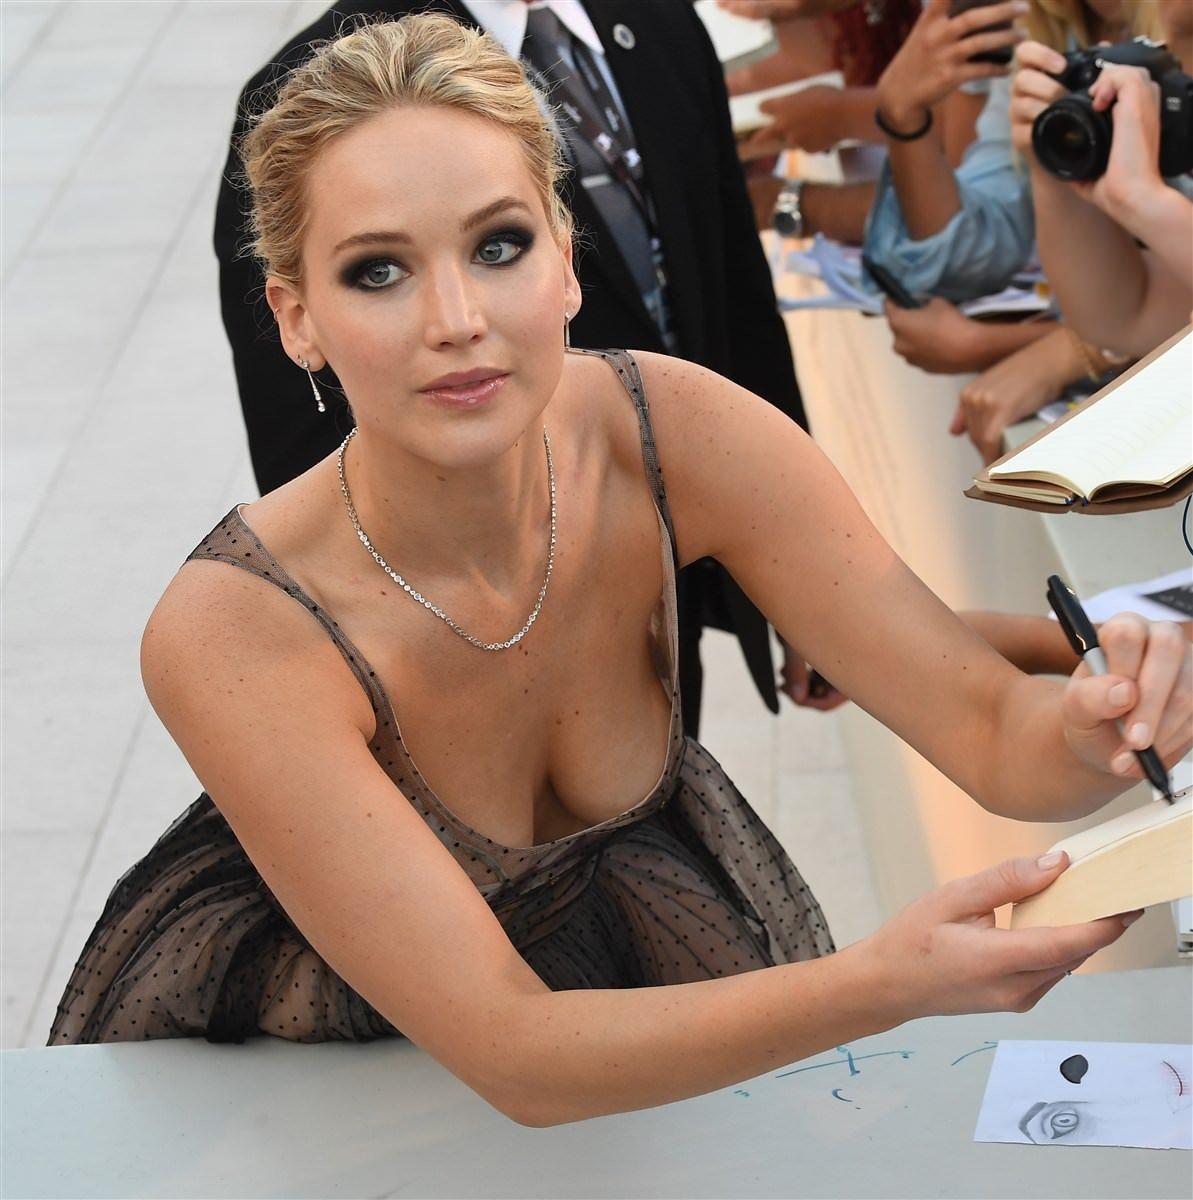 Jennifer Lawrence Down Blouse NSFW